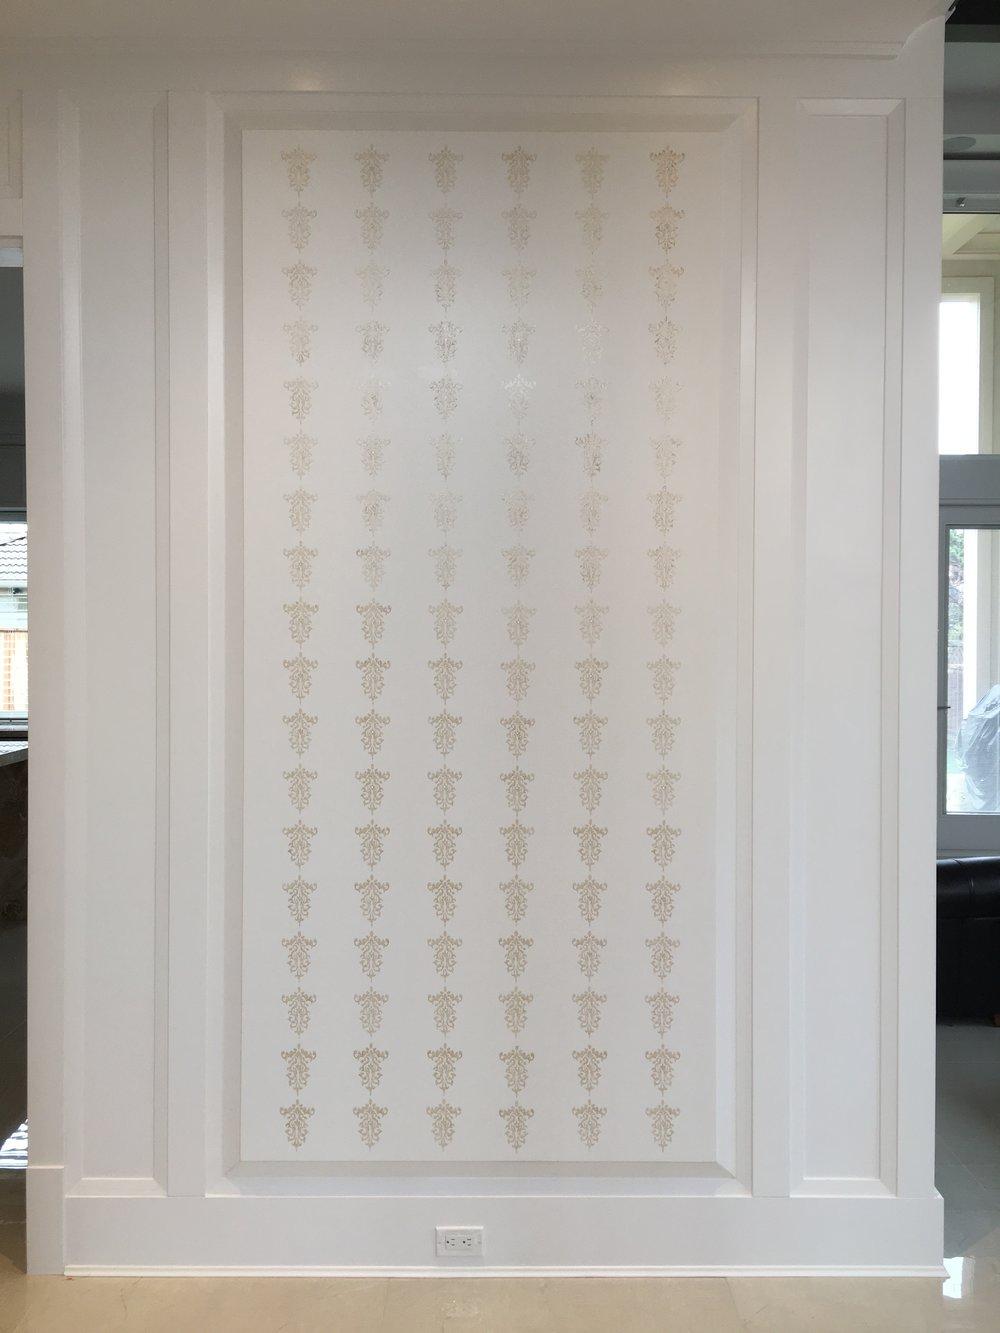 Stencil Design with Swarovski Crystals